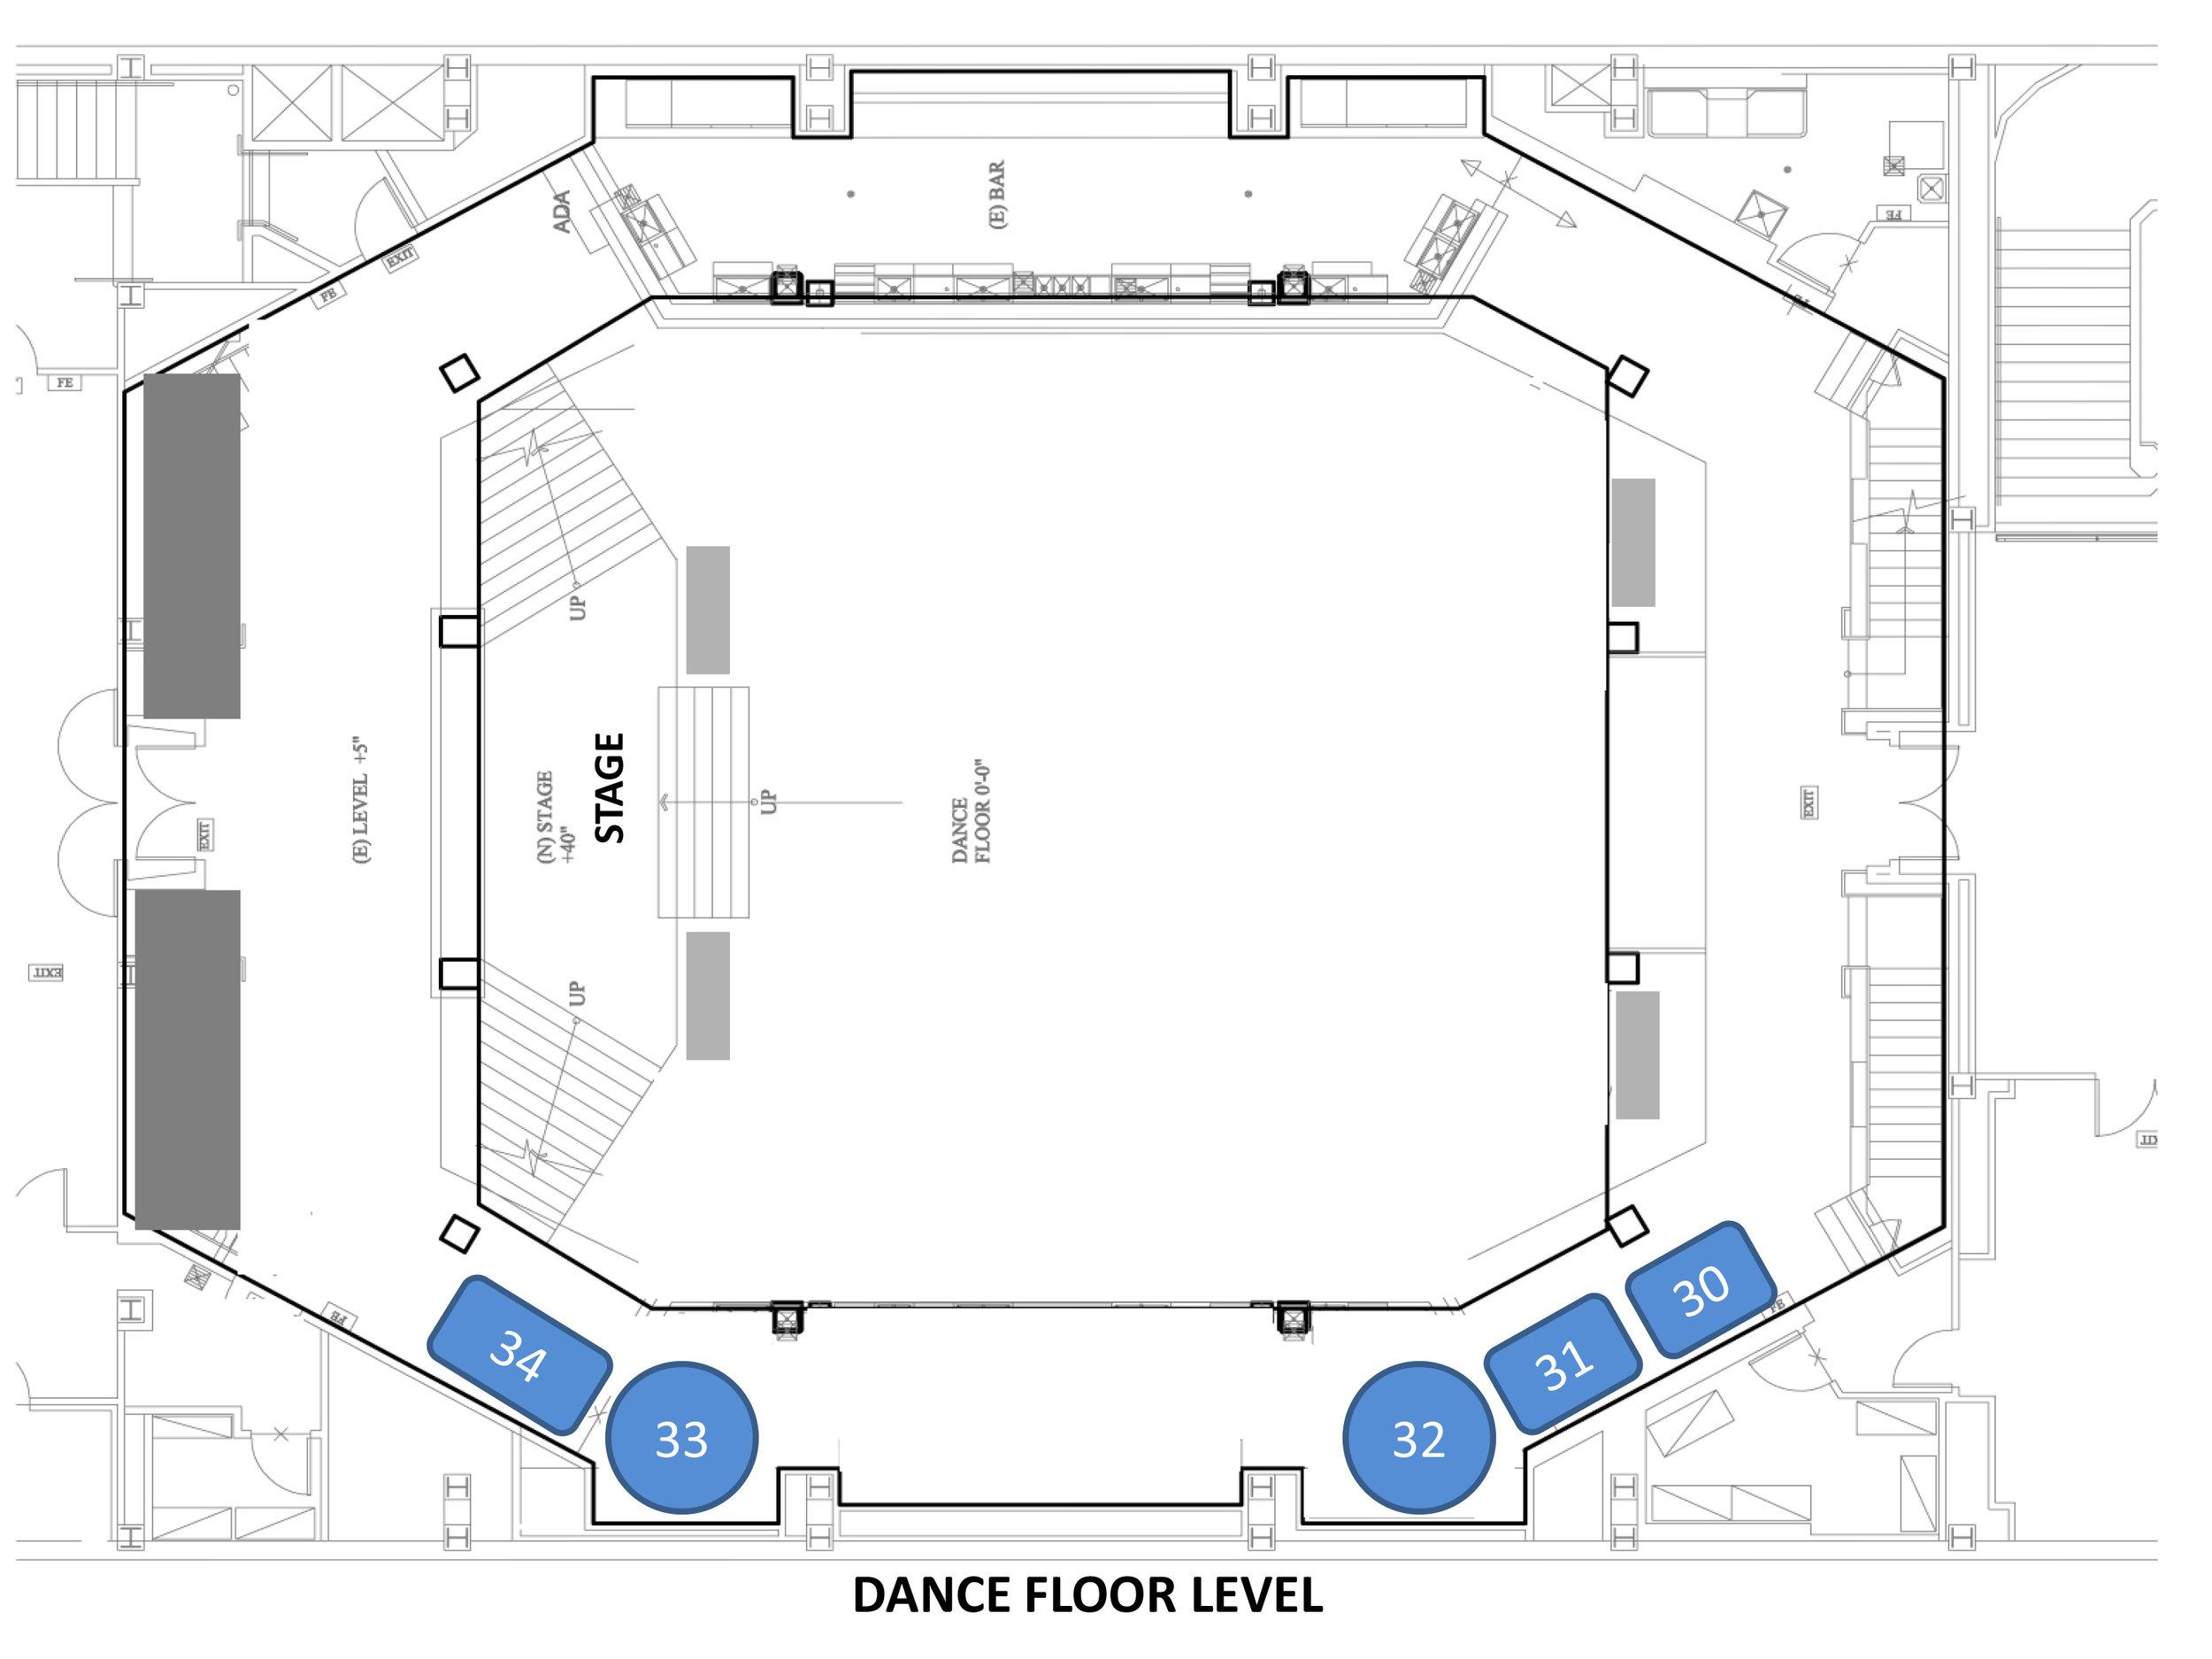 EXLA Dance Floor Tables